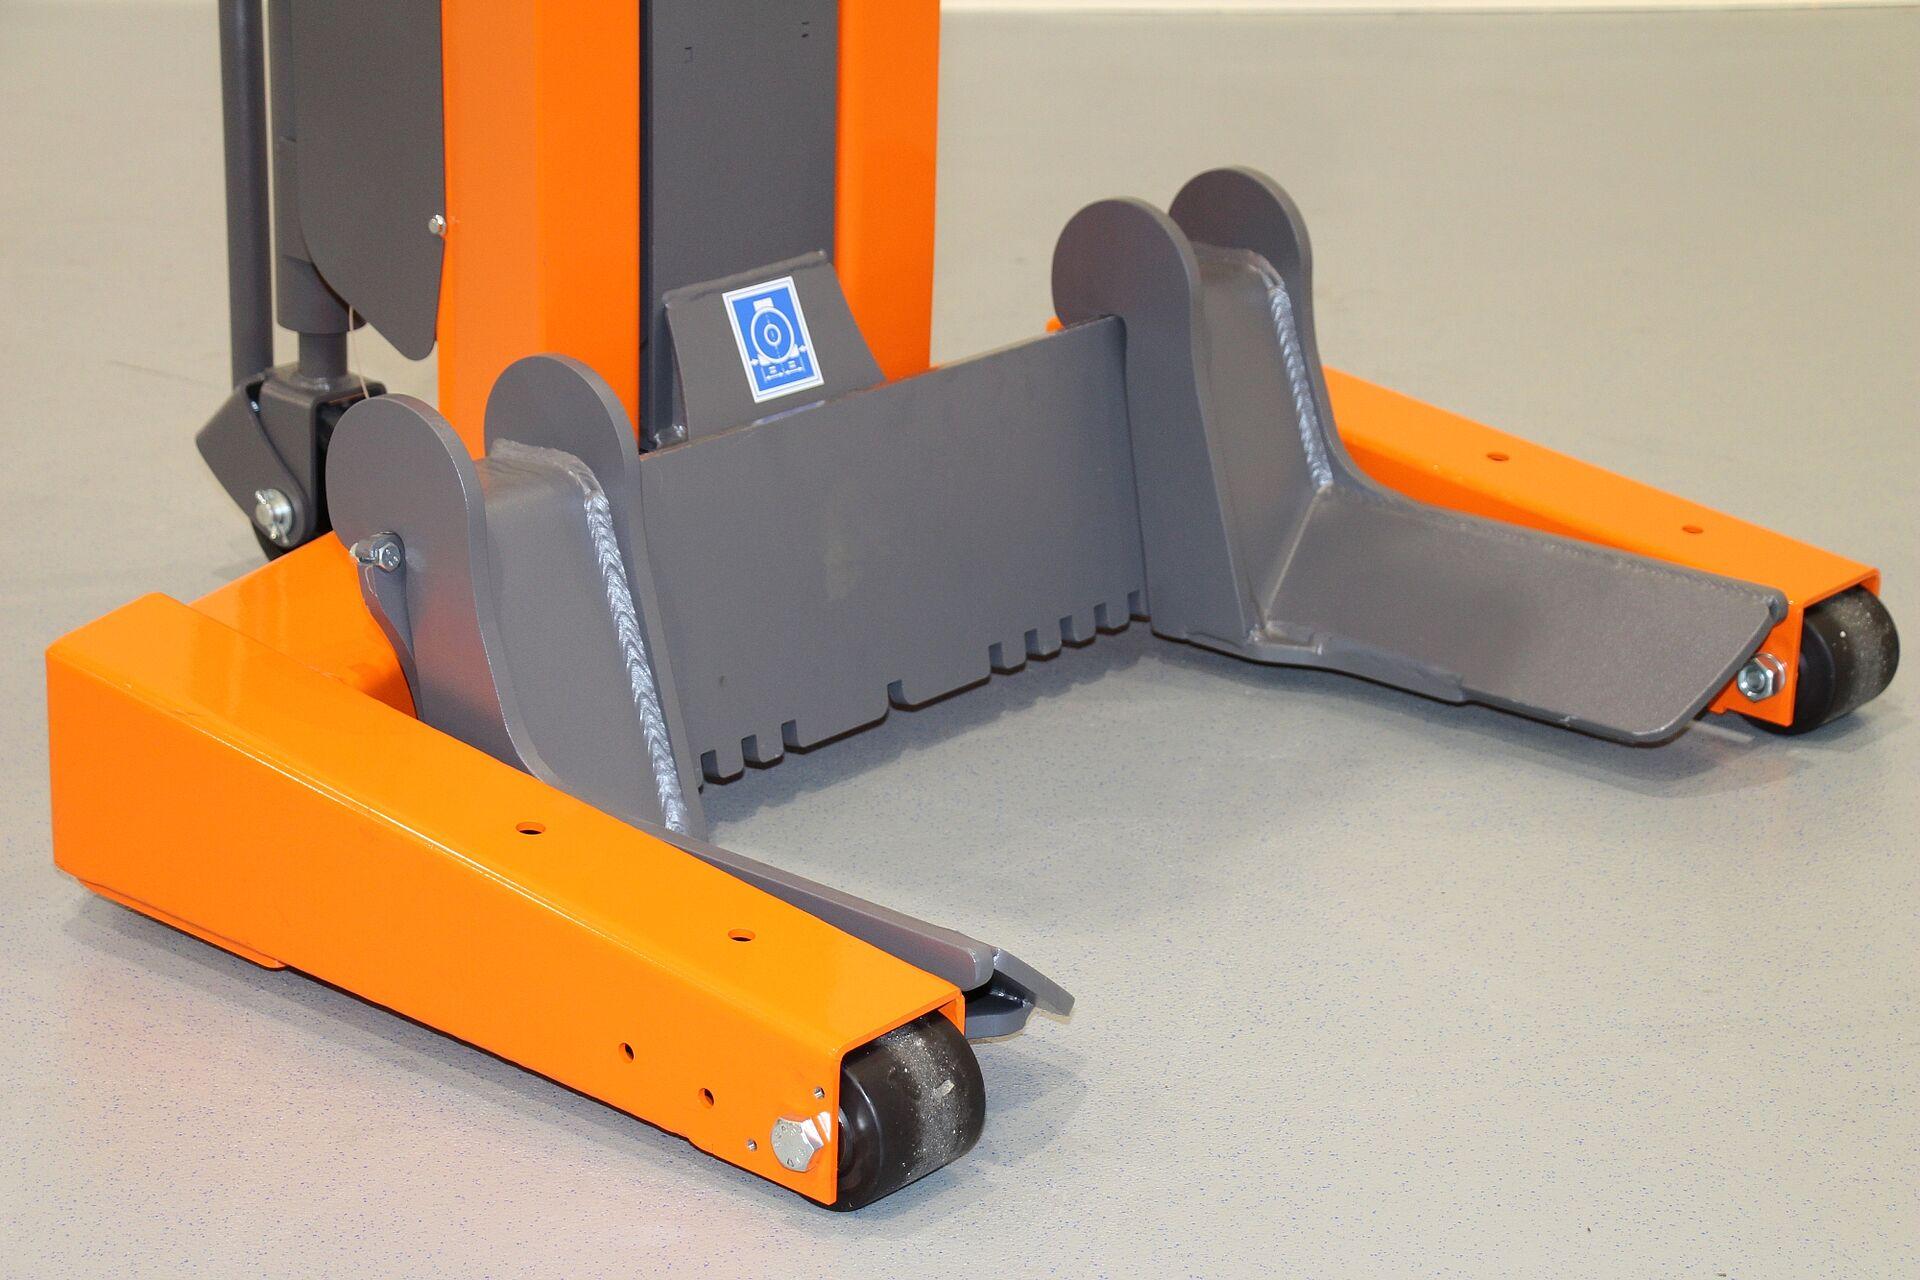 Bleu YUIO 1 pc l/éger portable en aluminium 1 1//8 V/élo VTT Potence CNC Casque Top Cap Cover Pratique et Durable